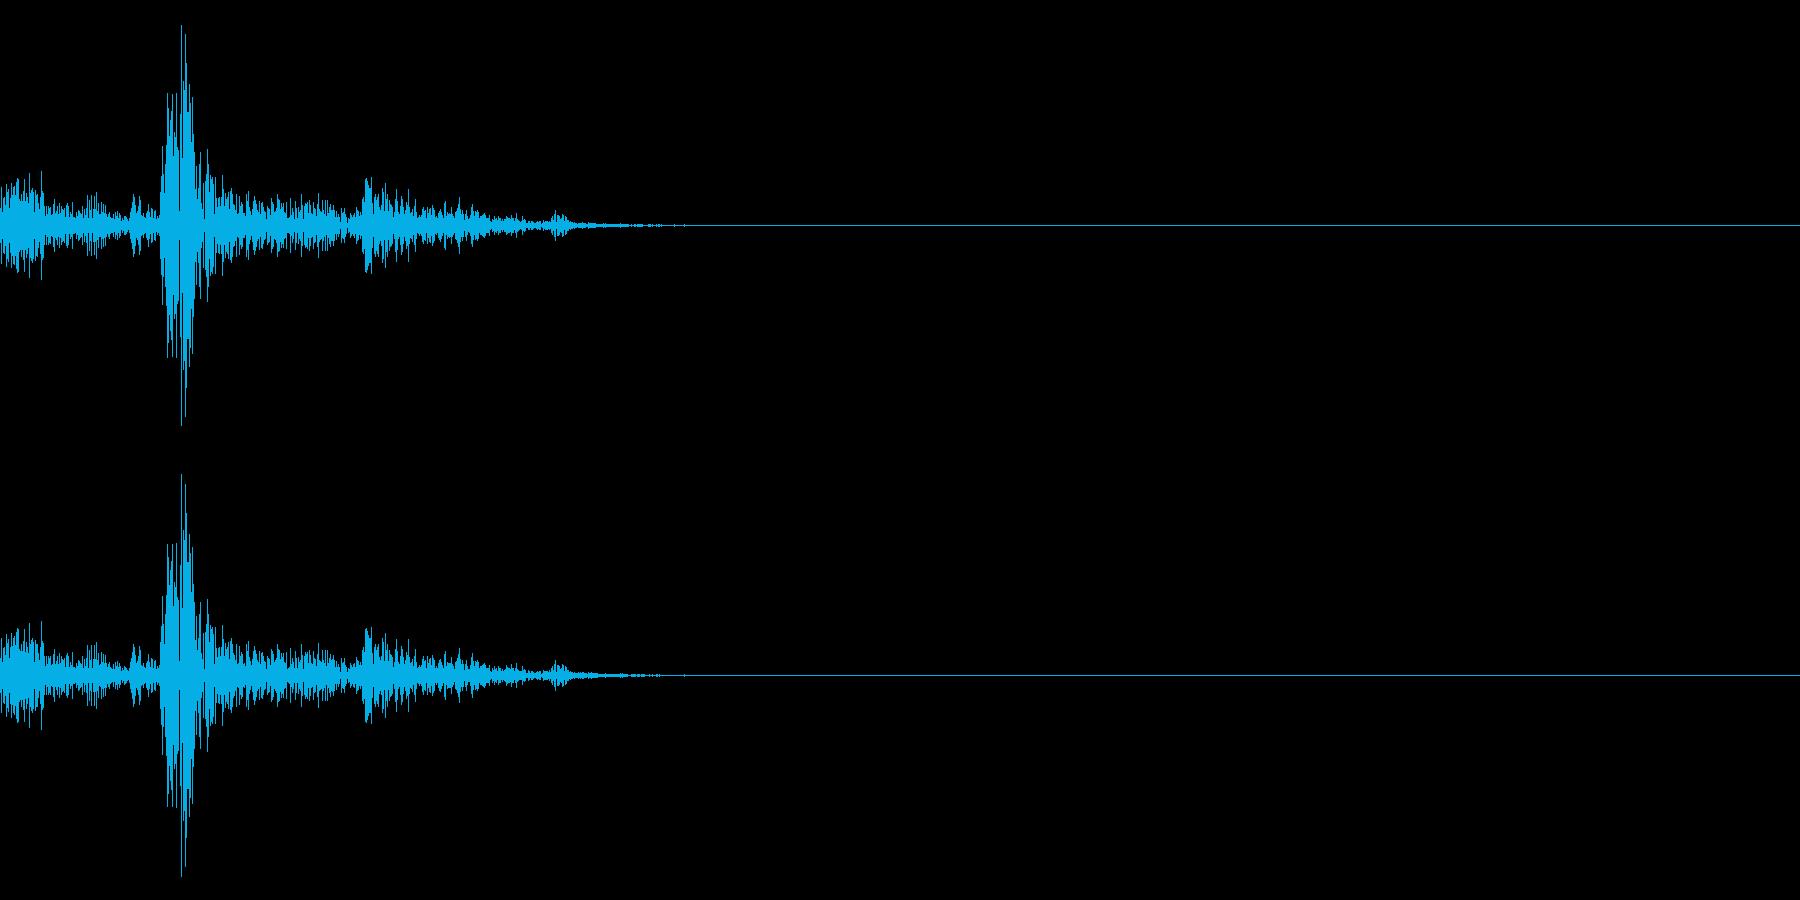 チャッ(シンプルな選択音、キー入力)の再生済みの波形